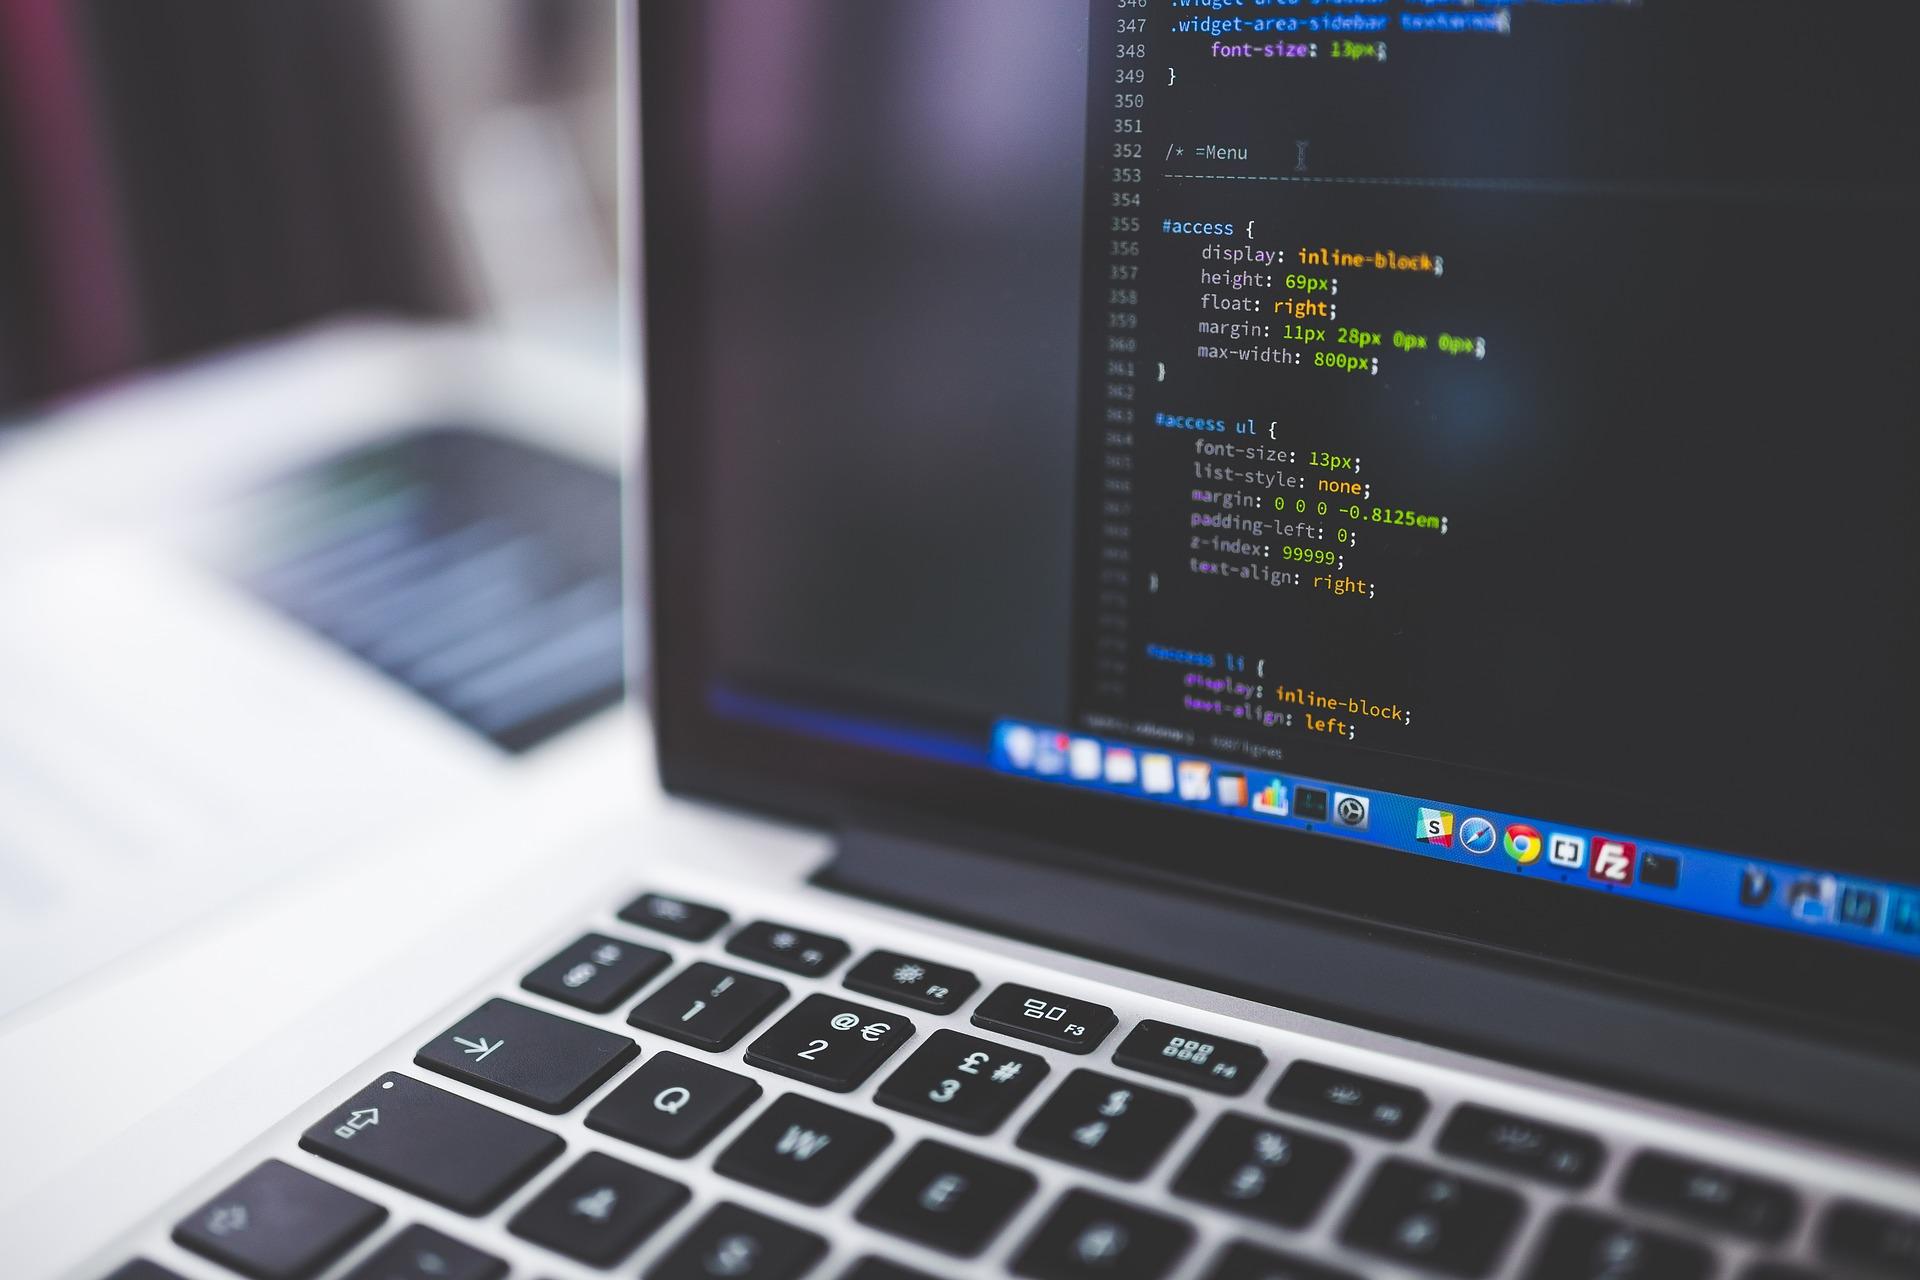 Como é feito o registro de software ou programa de computador?